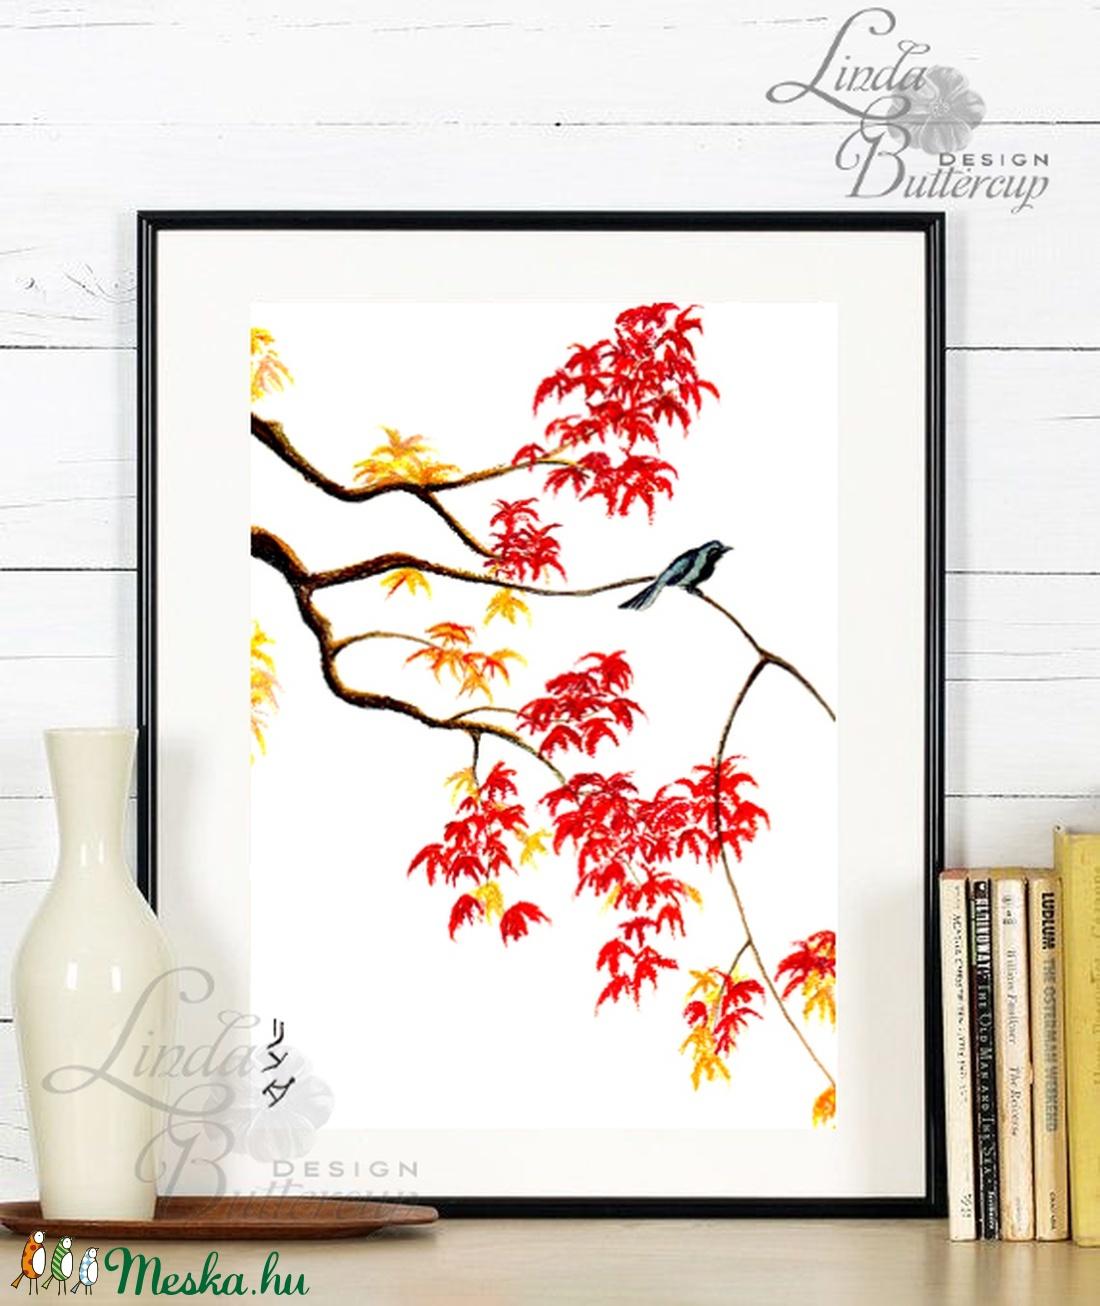 Japán kép, Keleti dekoráció, Falikép, japán festmény, vörös, juhar, kína, bonsai, fa, őszi festmény, ősz, madár - otthon & lakás - dekoráció - kép & falikép - Meska.hu